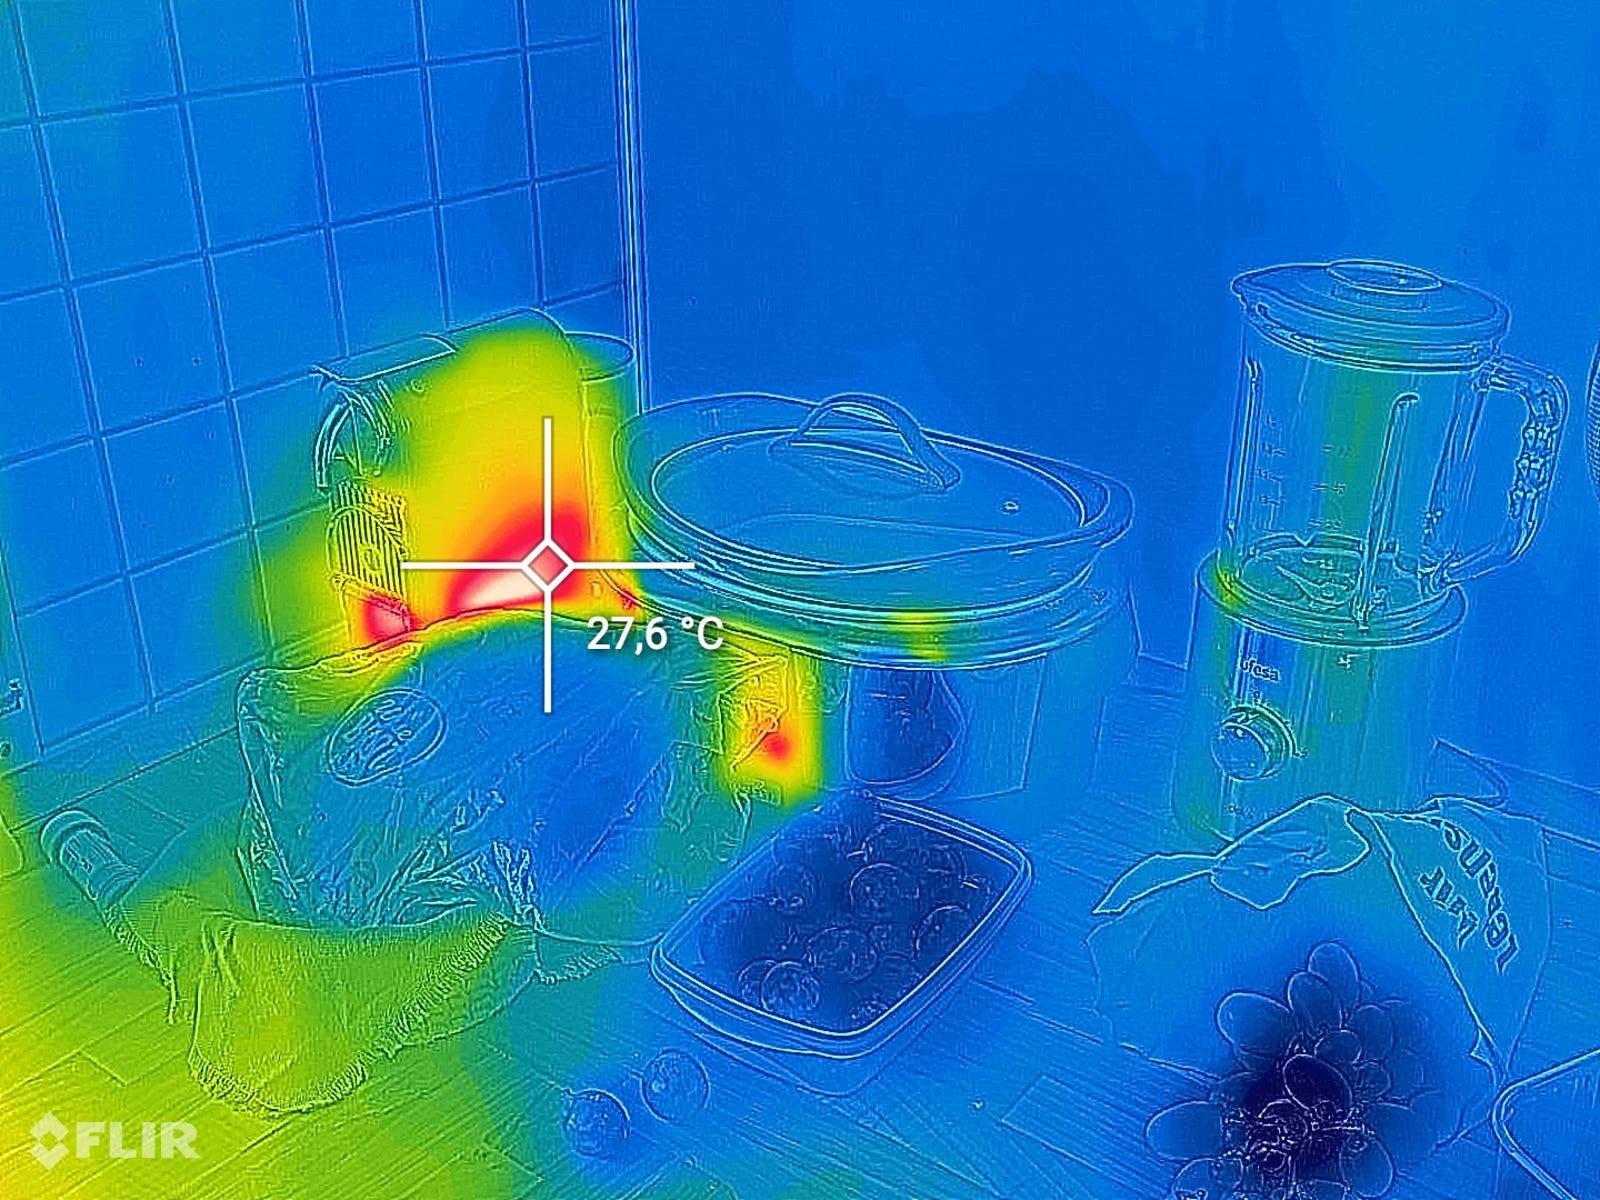 Recorrer la casa con la cámara FLIR hace que te hagas muchas preguntas como: ¿Por qué mi cafetera está tan caliente si está apagada?